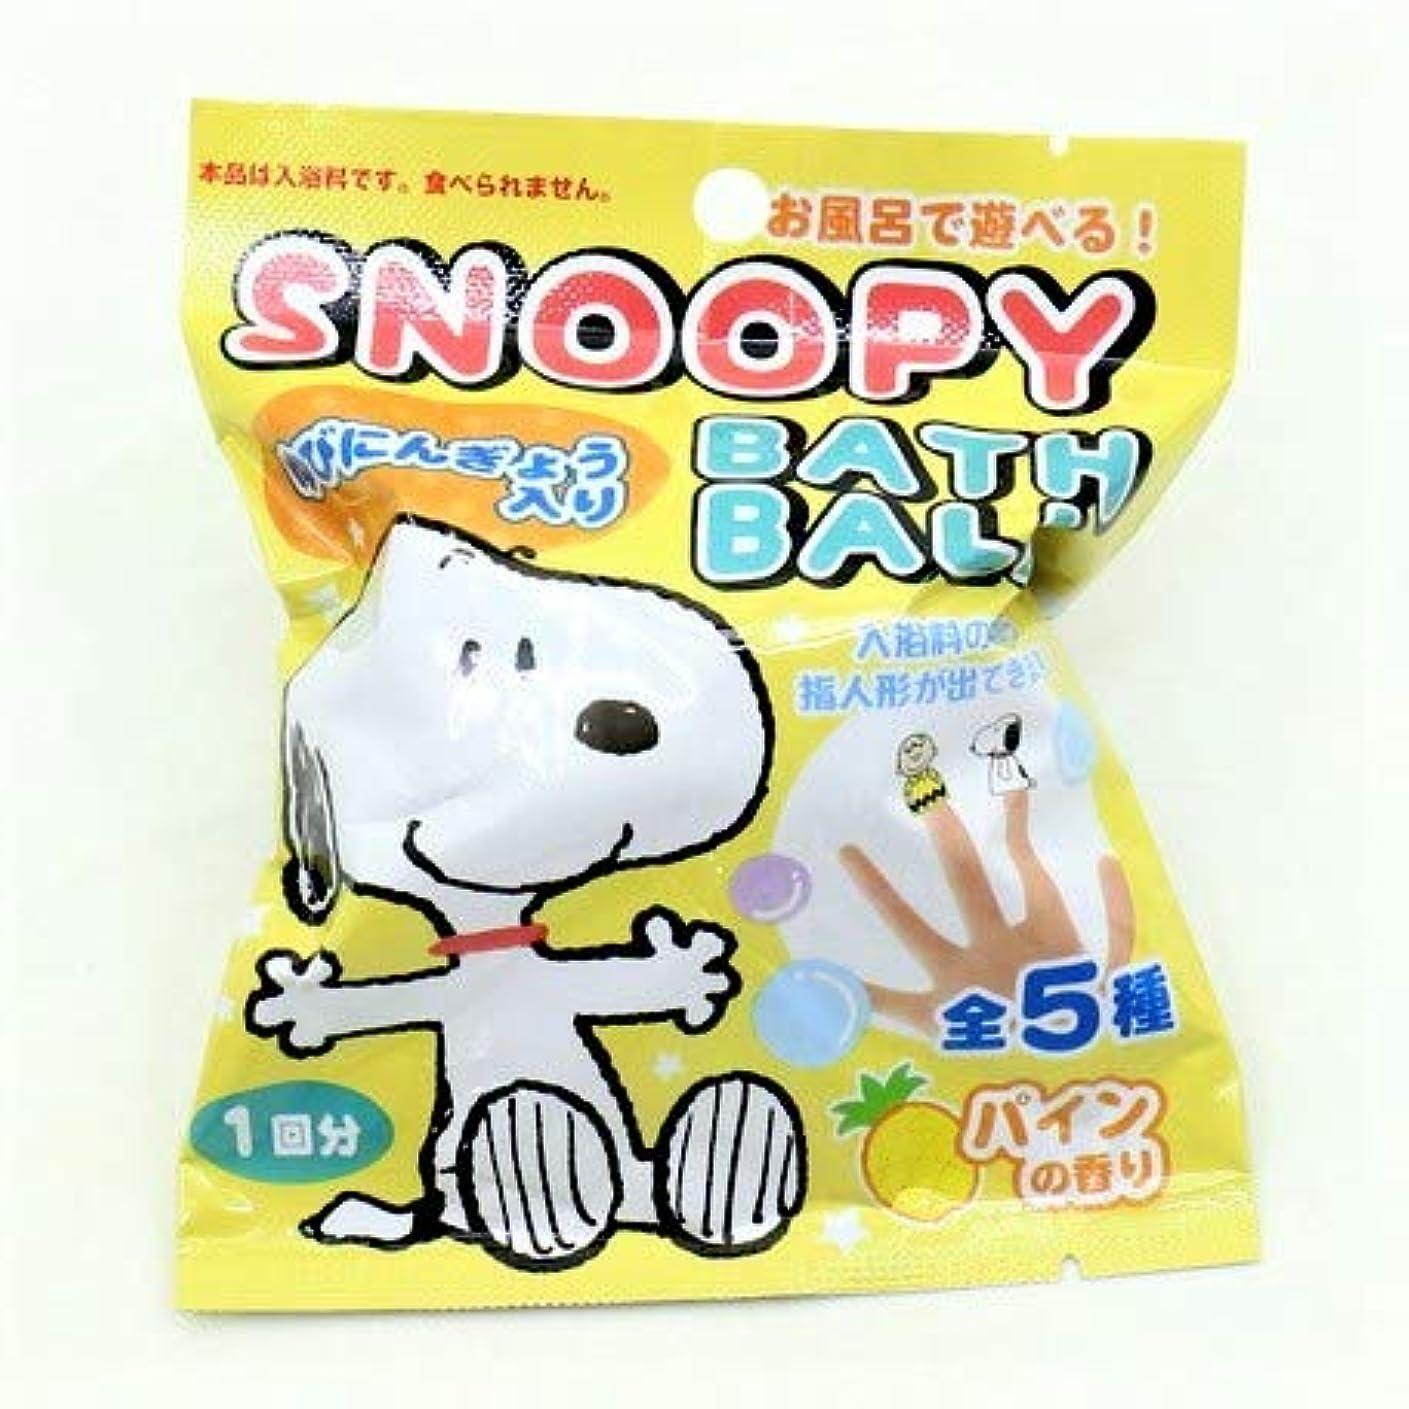 欺くマカダム出くわすスヌーピー バスボール 入浴剤 パインの香り 6個1セット 指人形 Snoopy